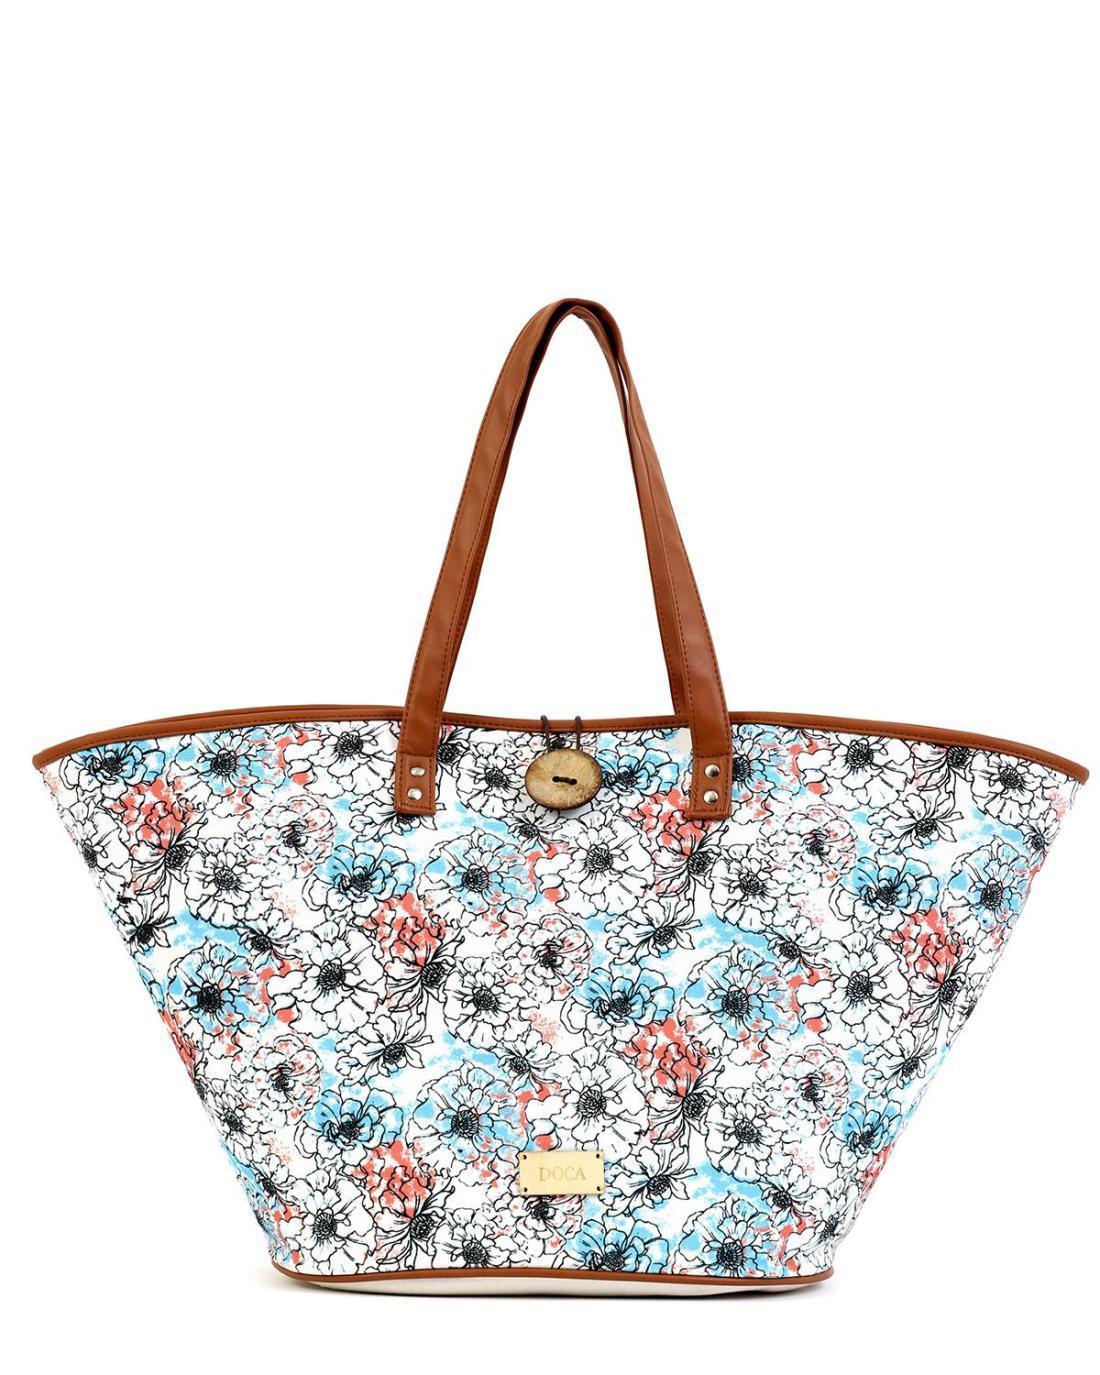 Τσάντα θαλάσσης πολύχρωμη